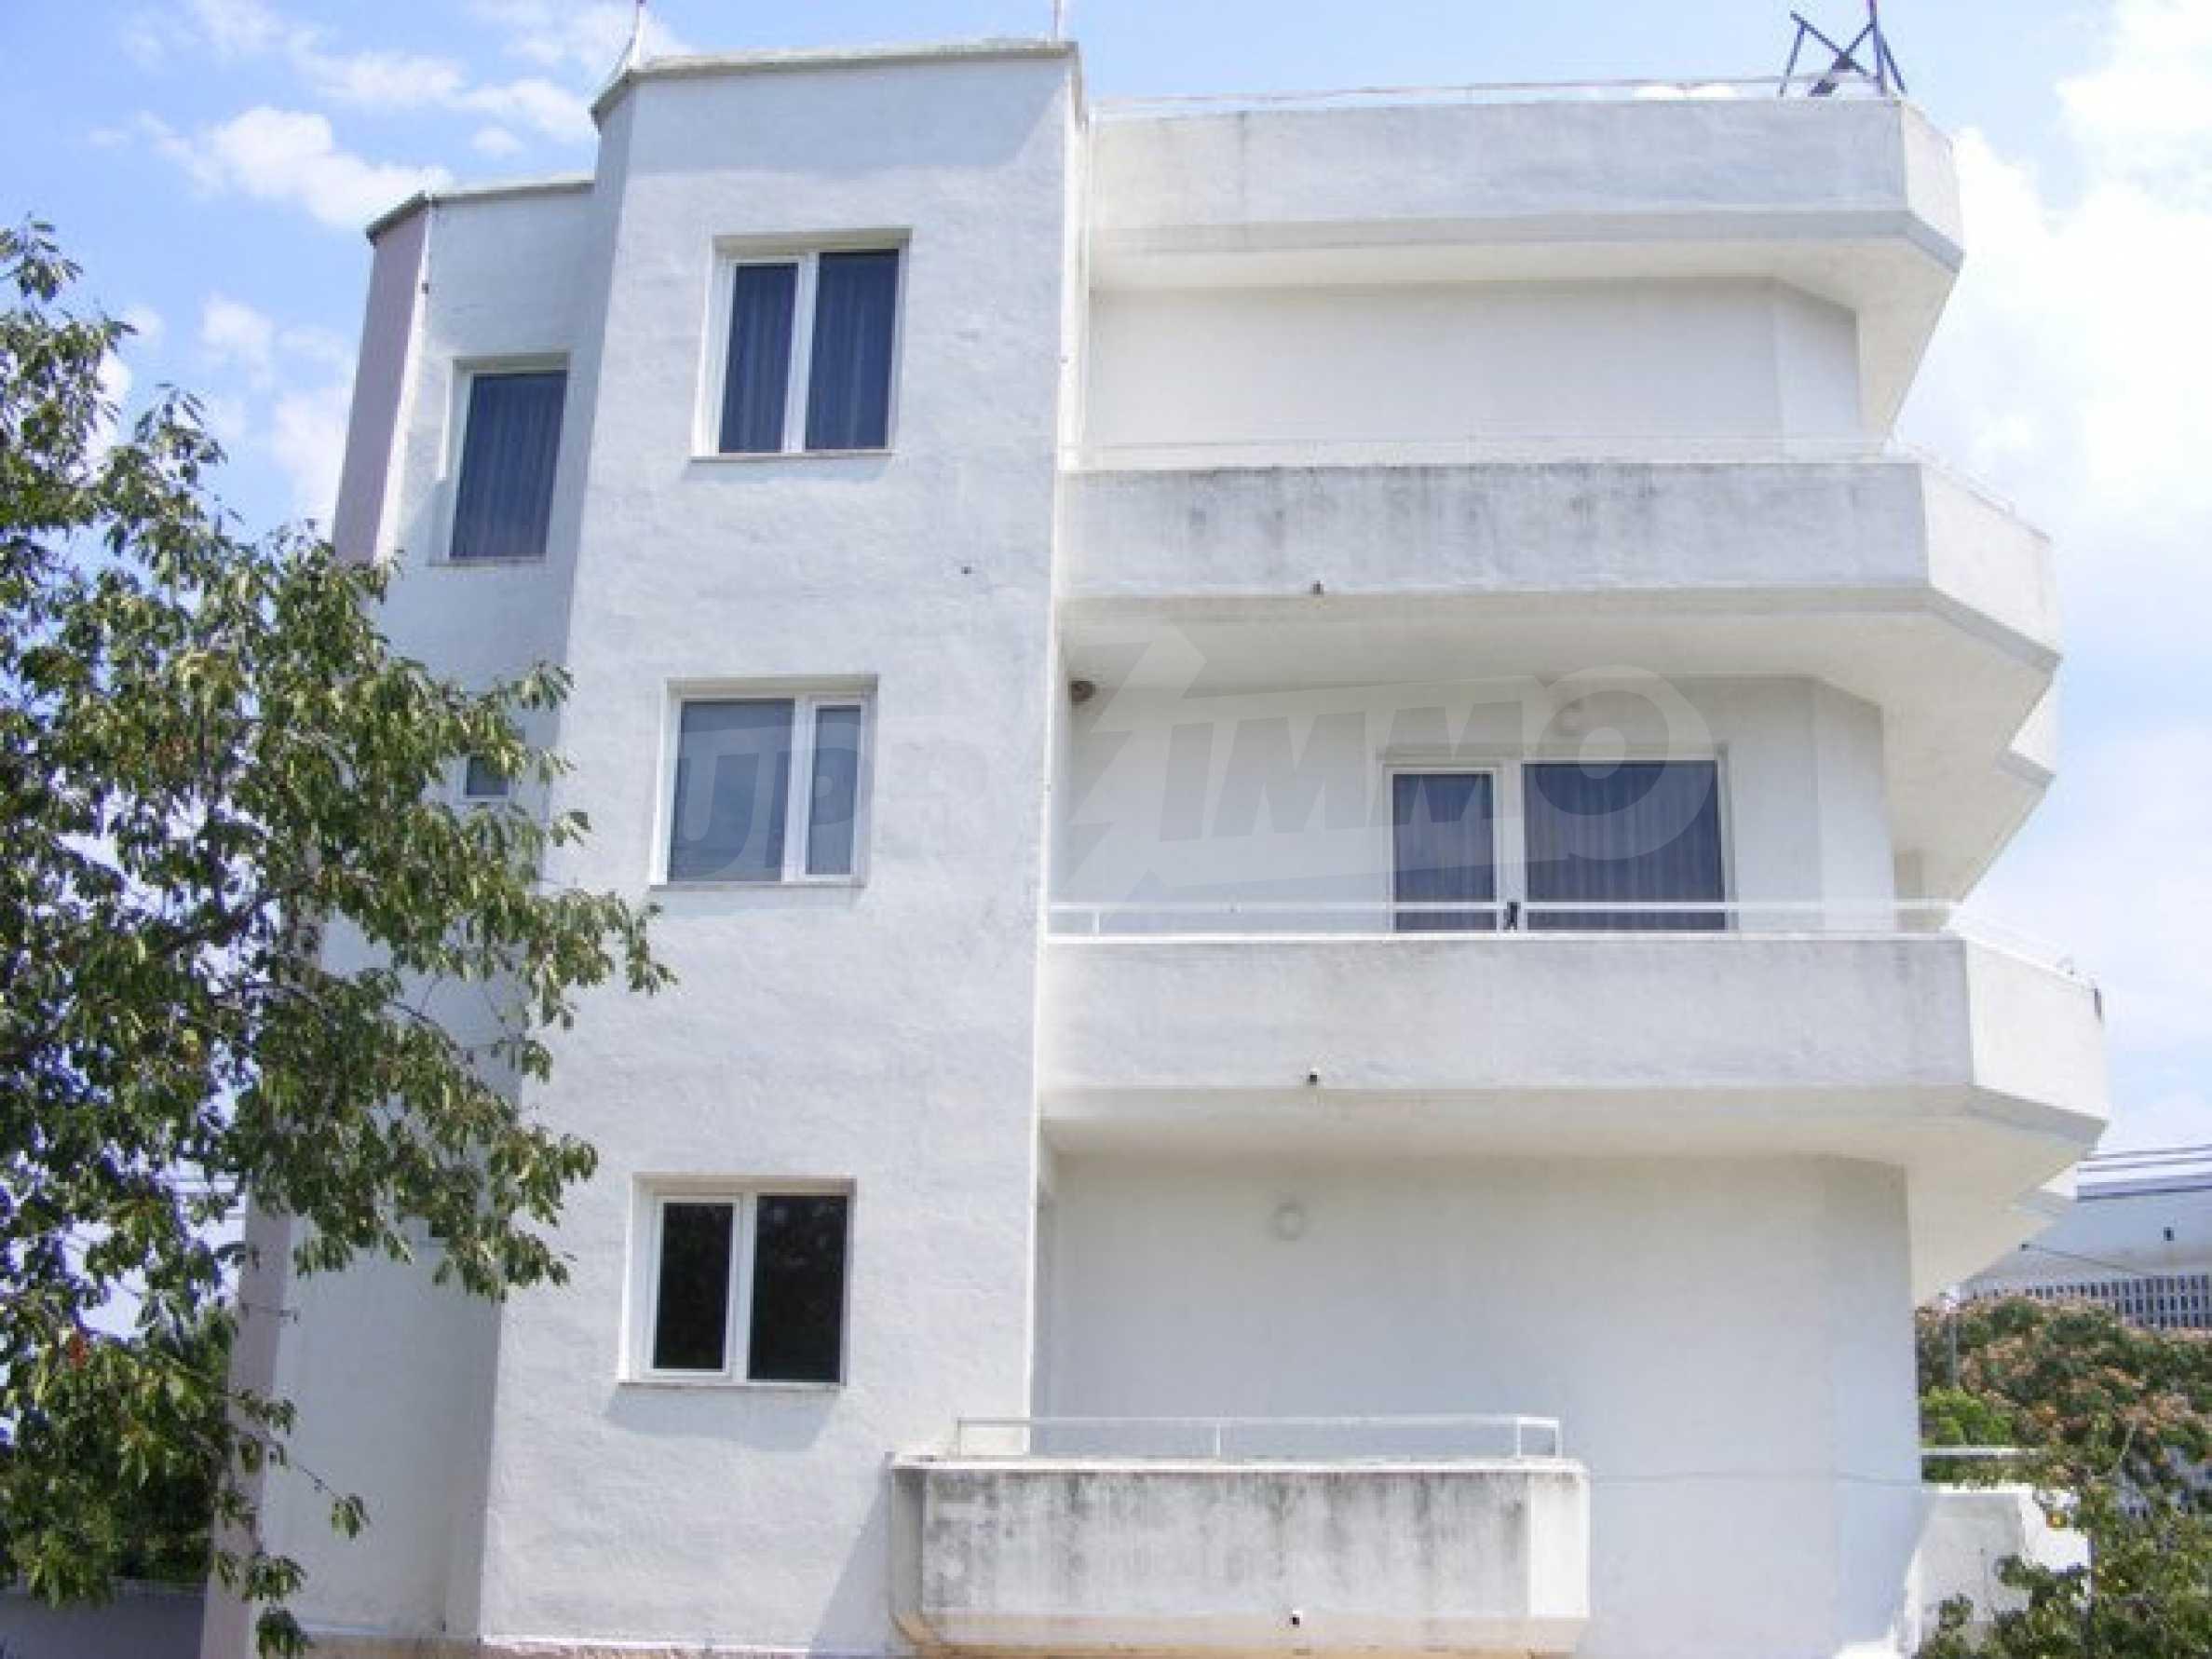 Многоэтажный дом в местности Ален Мак, г. Варна